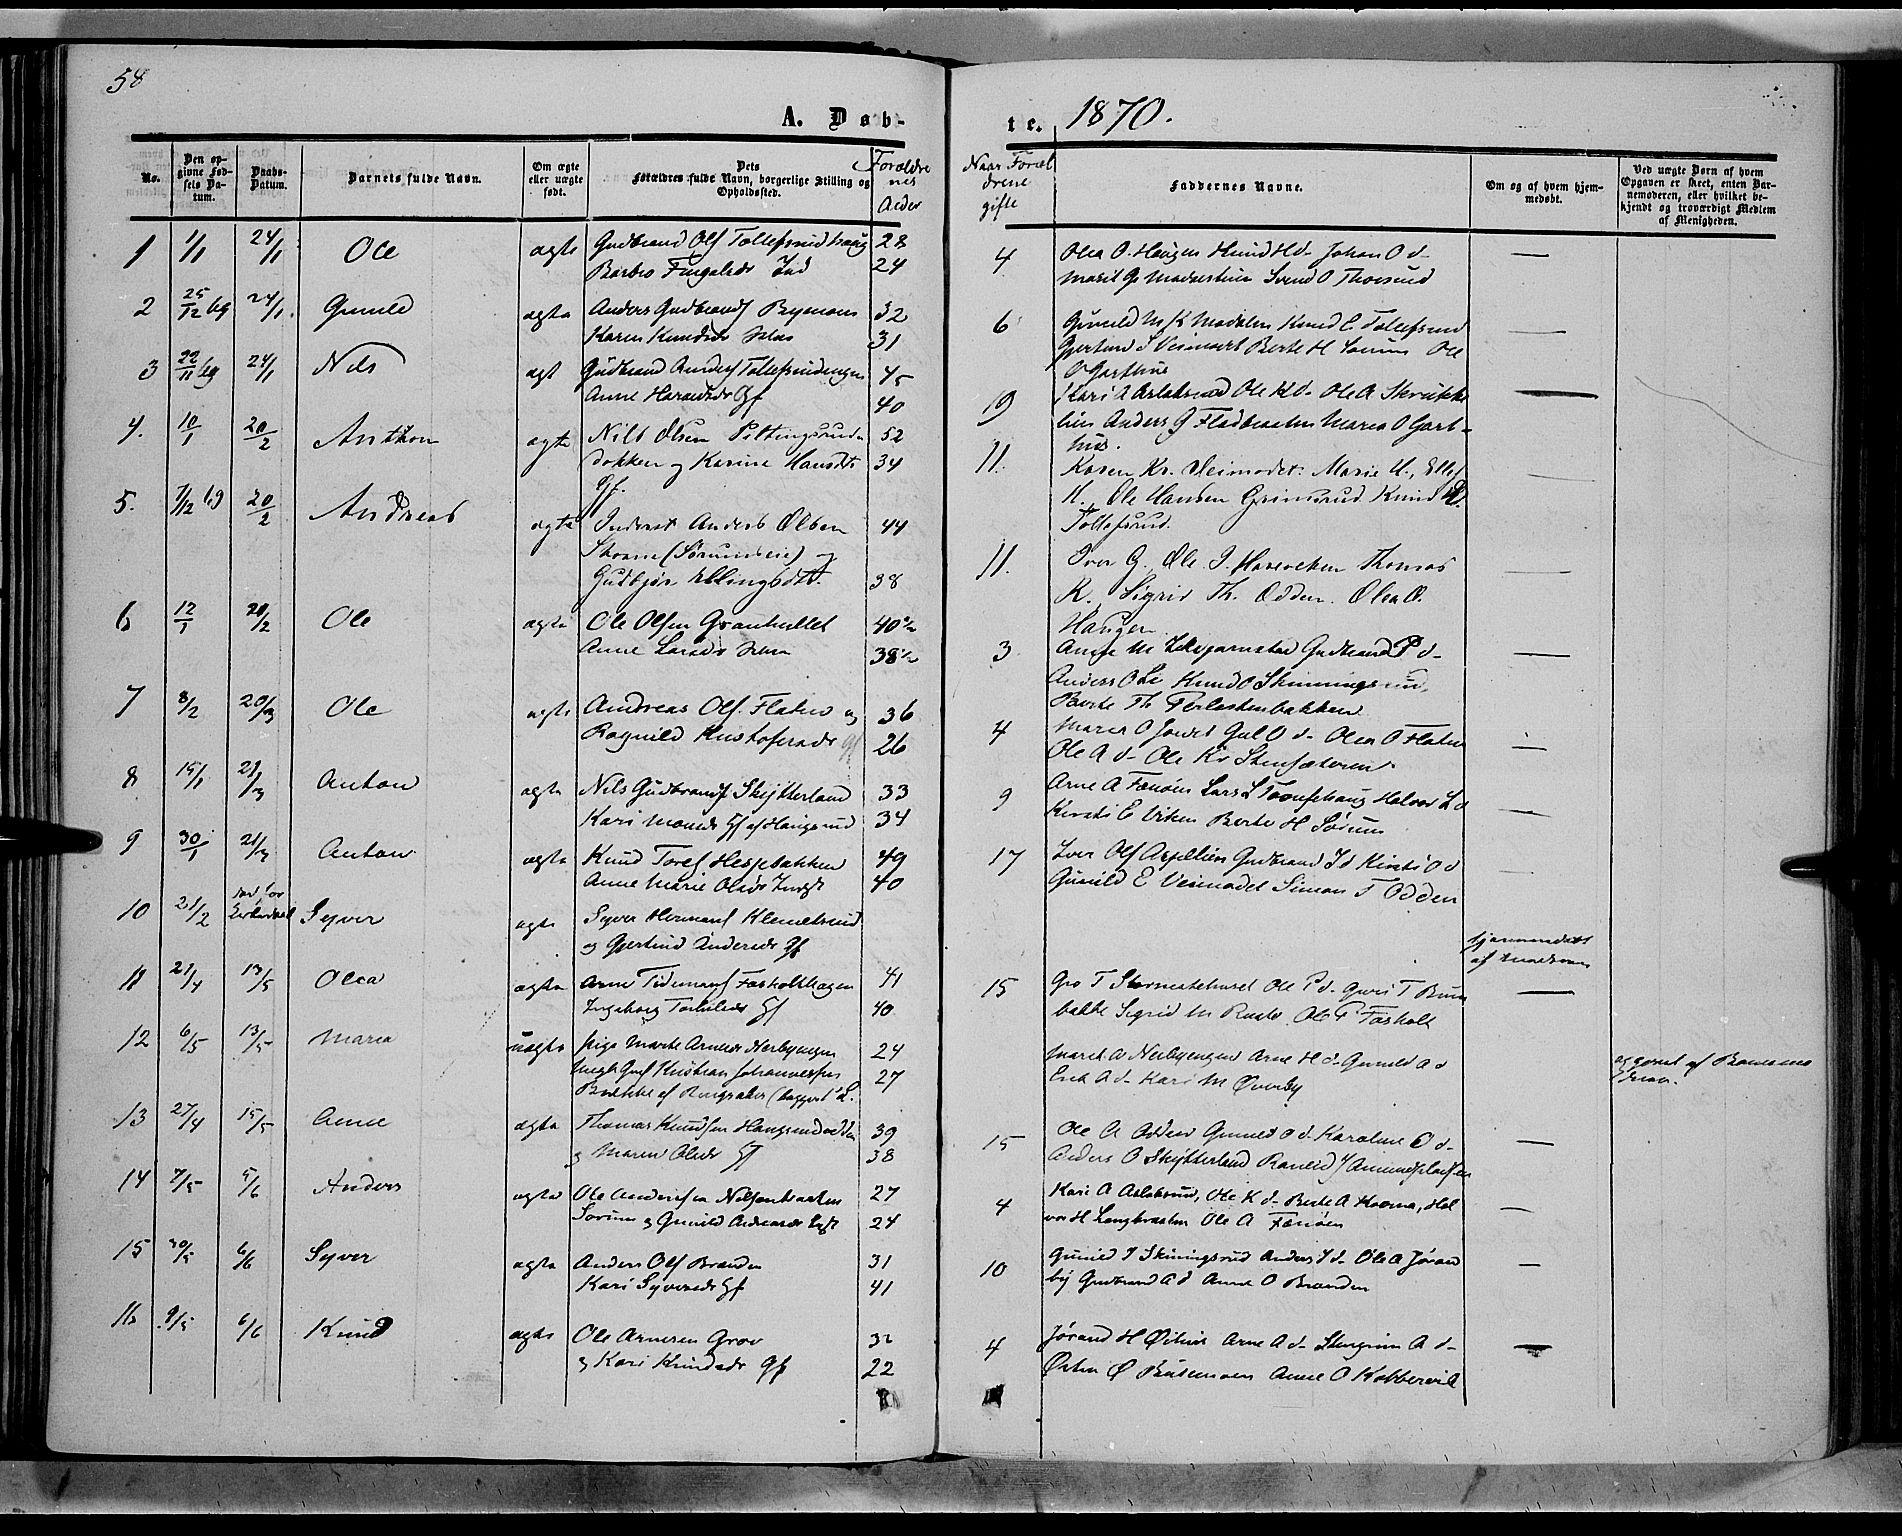 SAH, Sør-Aurdal prestekontor, Ministerialbok nr. 7, 1849-1876, s. 58